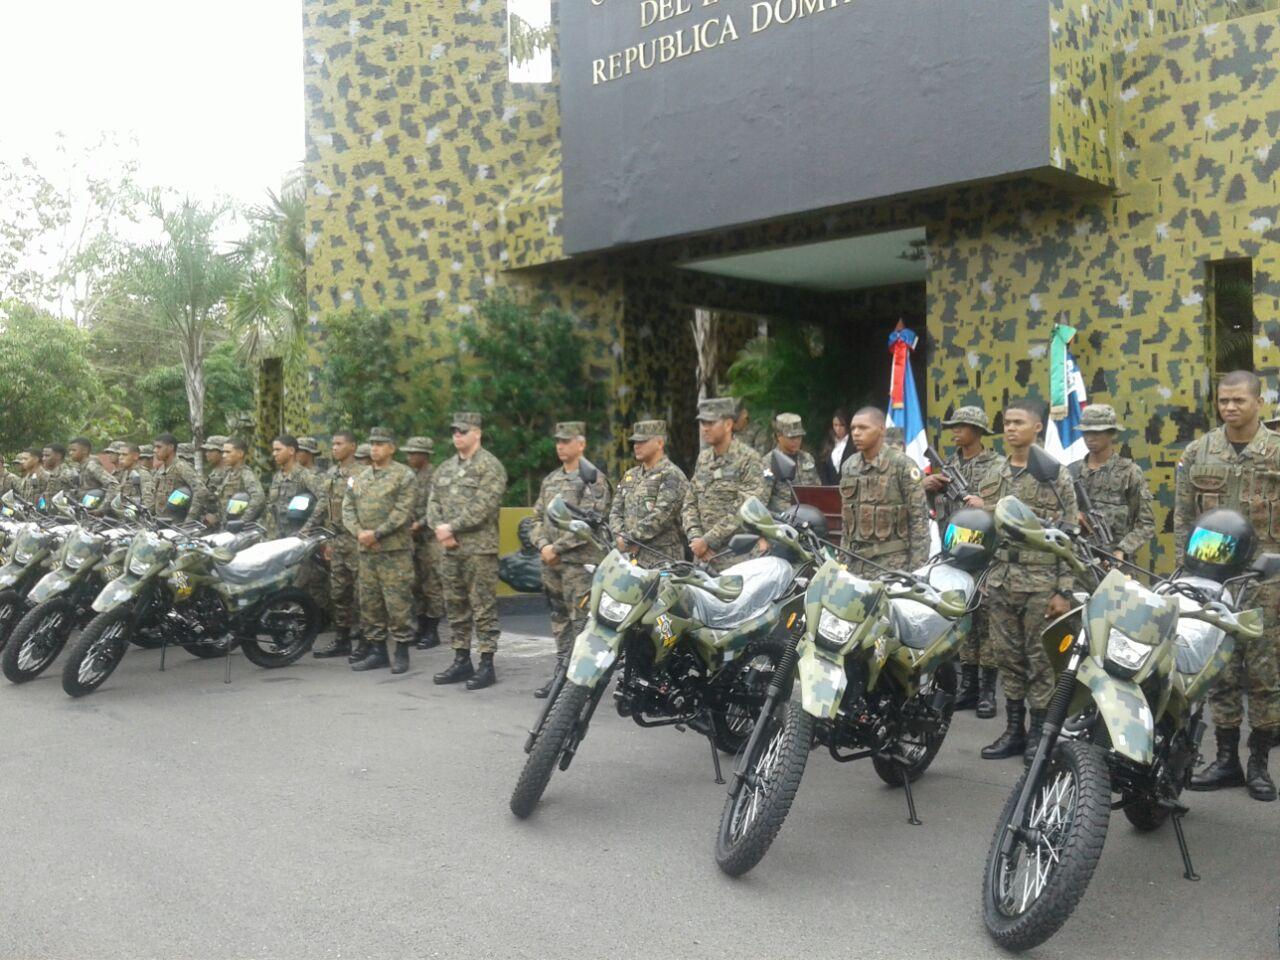 Ejército entrega motocicletas autoridades en la frontera